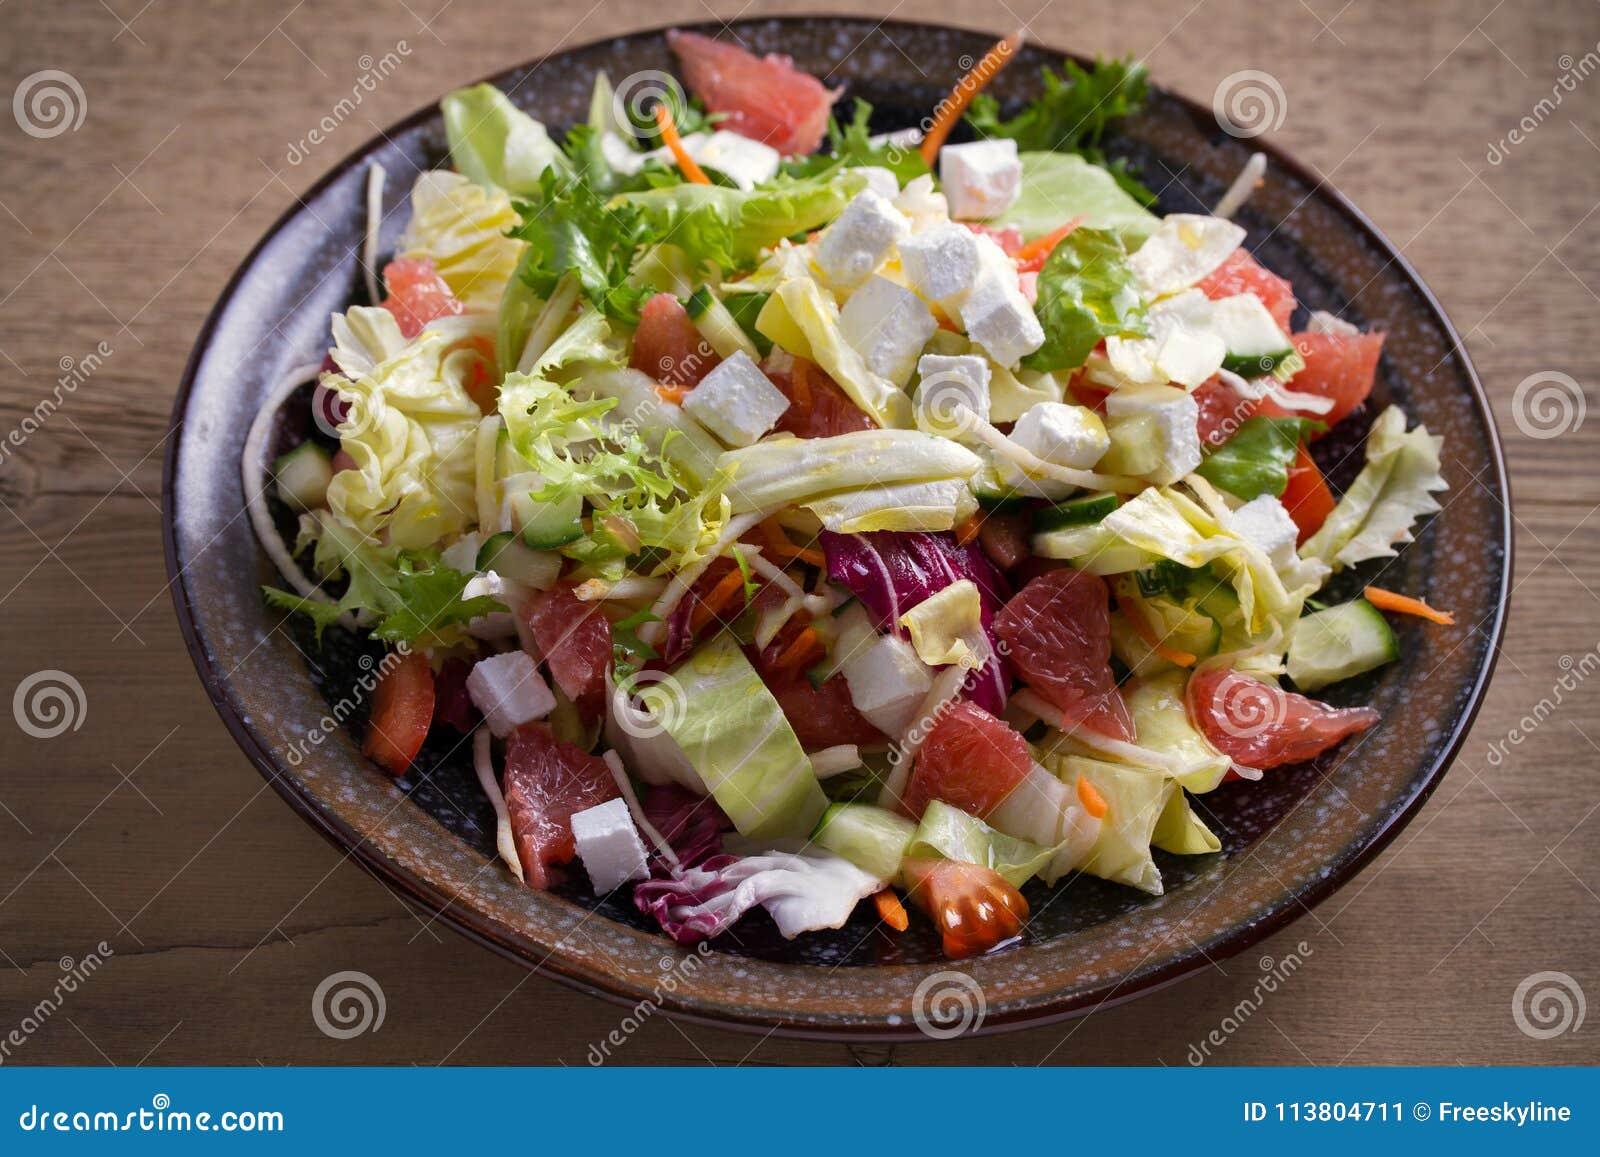 Alimento vegetariano sano: insalata del pompelmo, del pomodoro, della lattuga e del cetriolo dell agrume con feta in ciotola sull